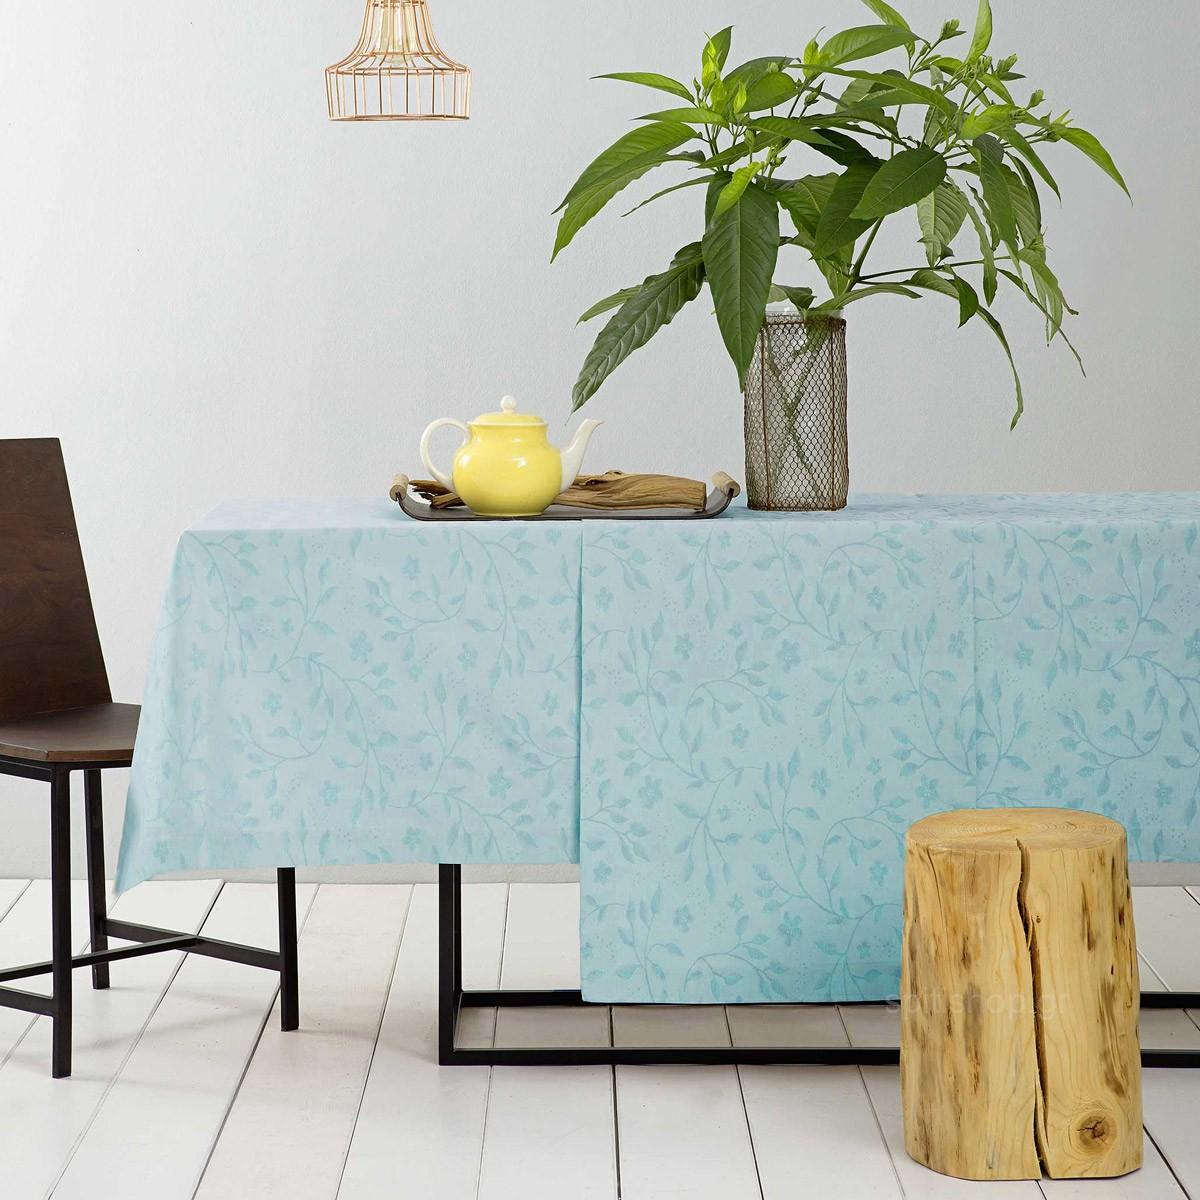 Τραπεζομάντηλο (150x220) Nima Table Linen Anthea Aqua